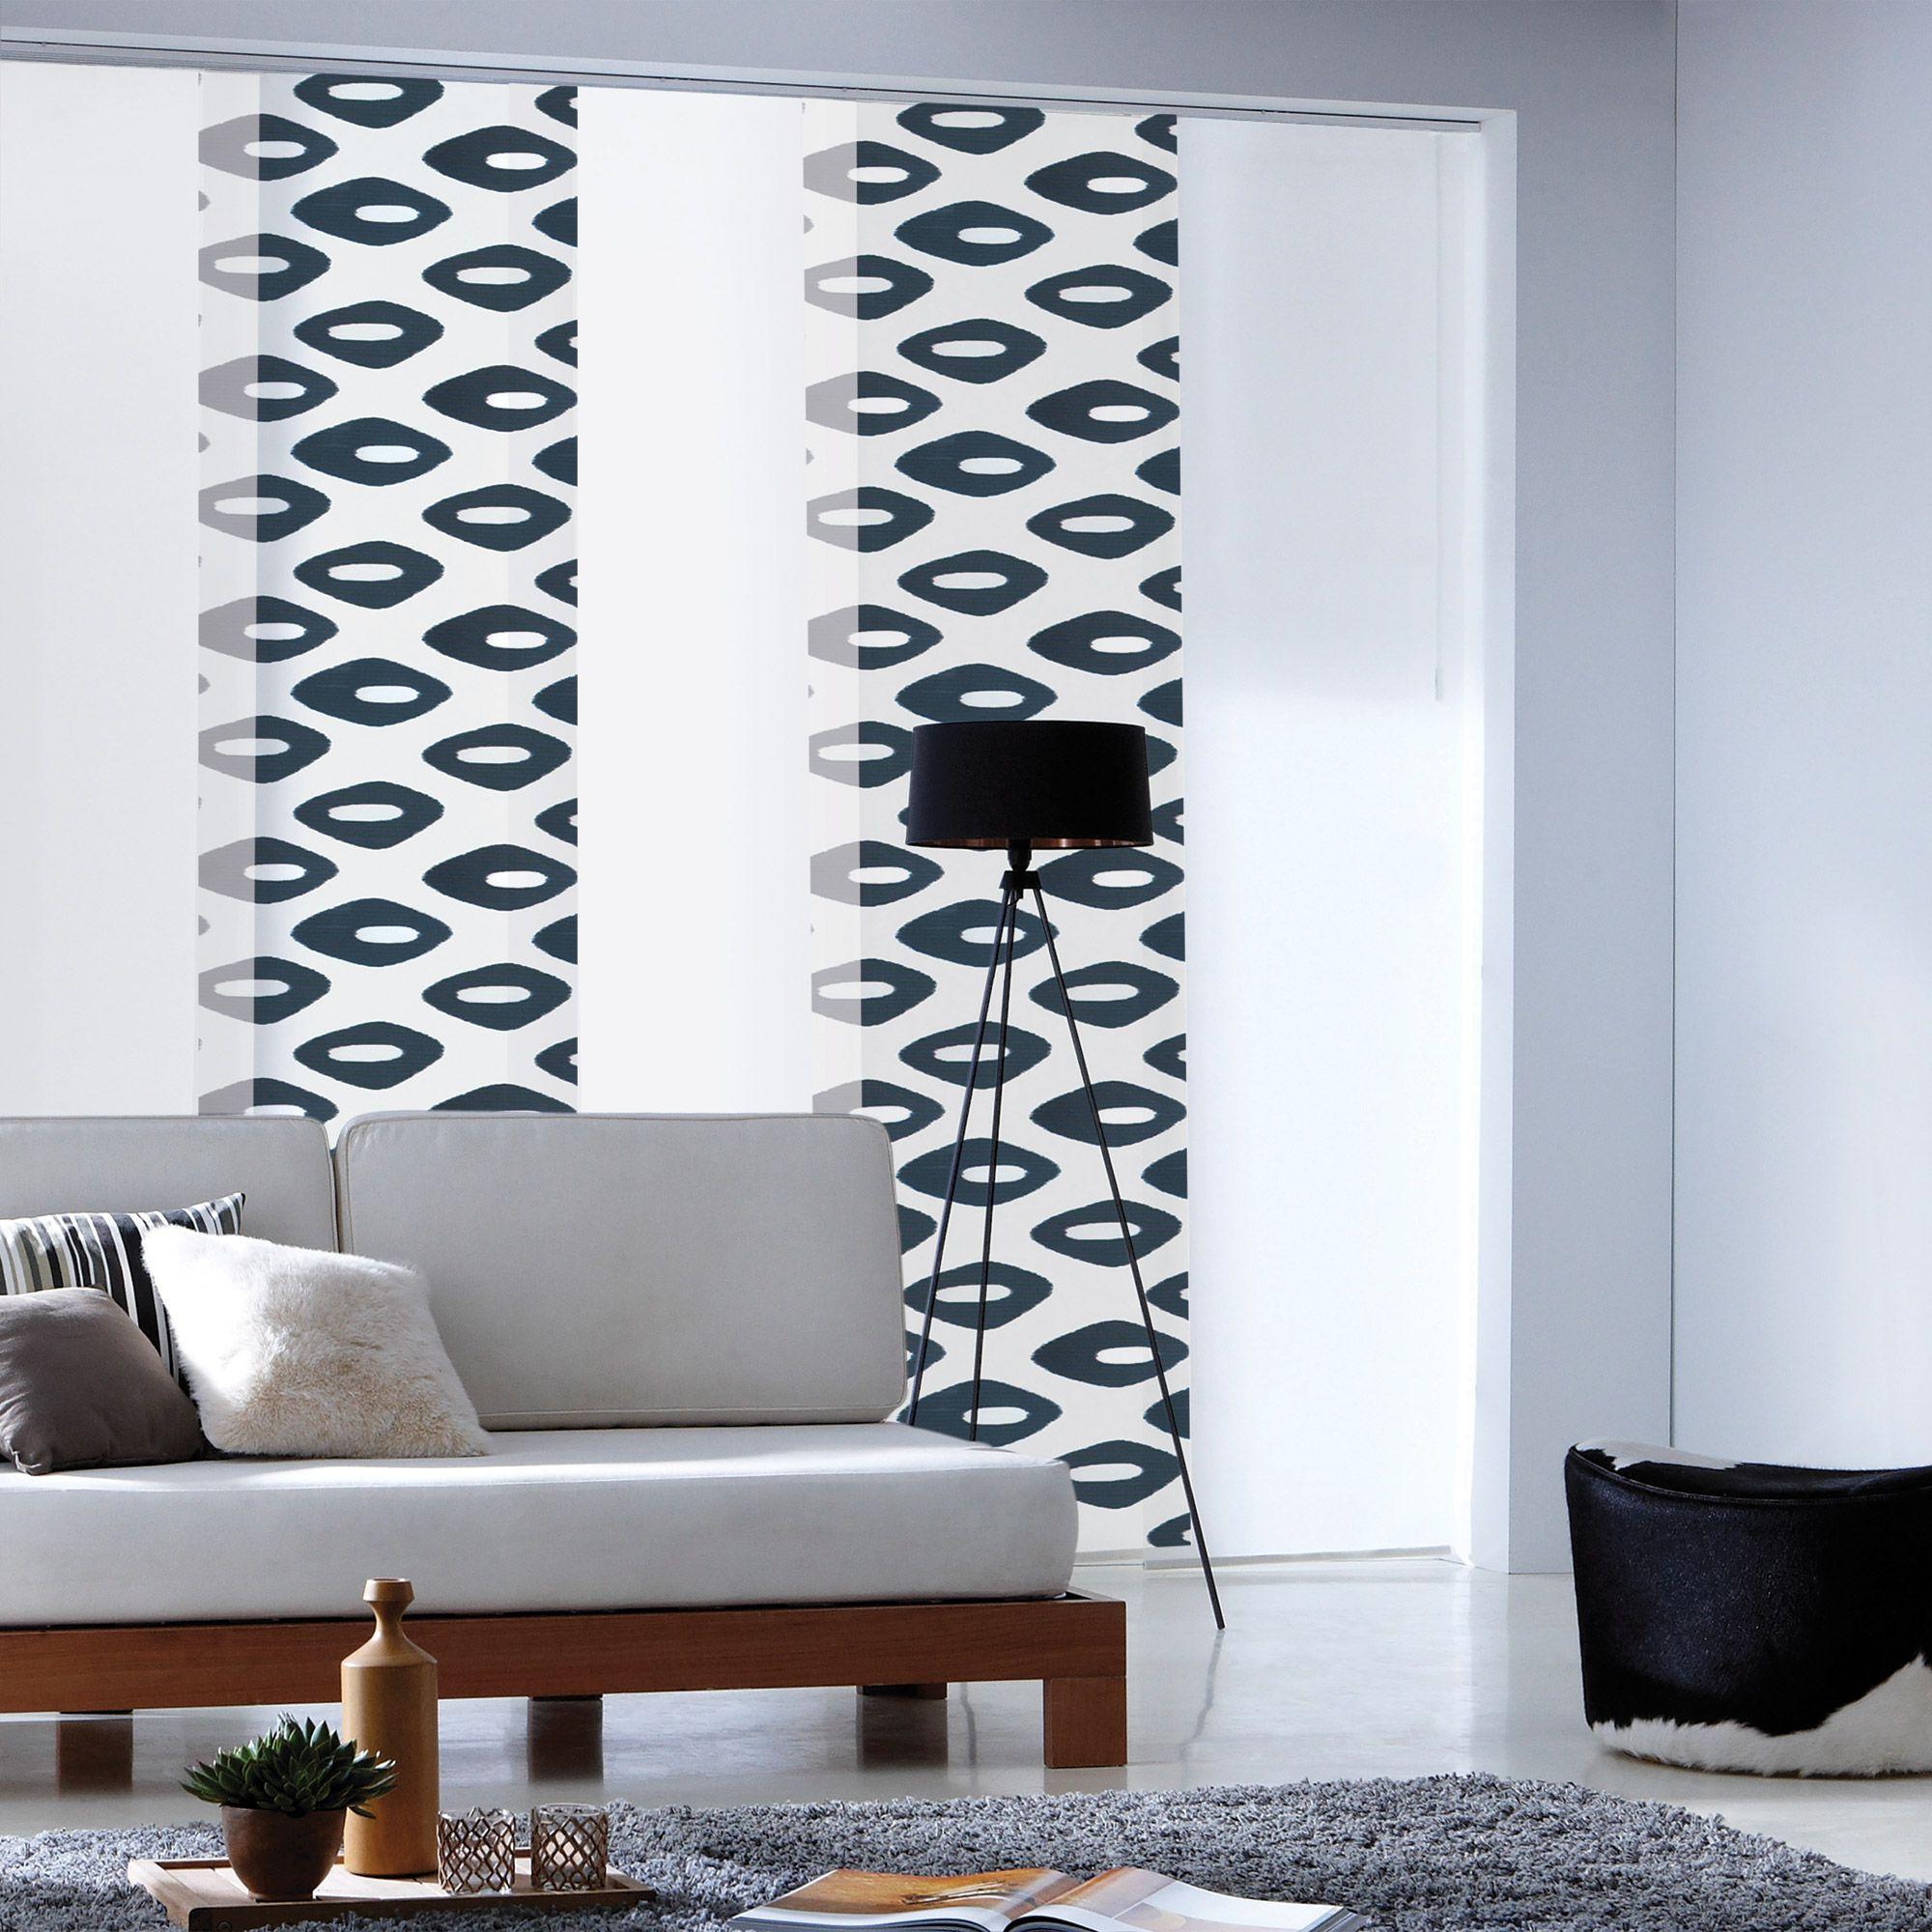 panneau japonais en polyester tamisant motif losange bleu blanc ikat marque madecostore. Black Bedroom Furniture Sets. Home Design Ideas